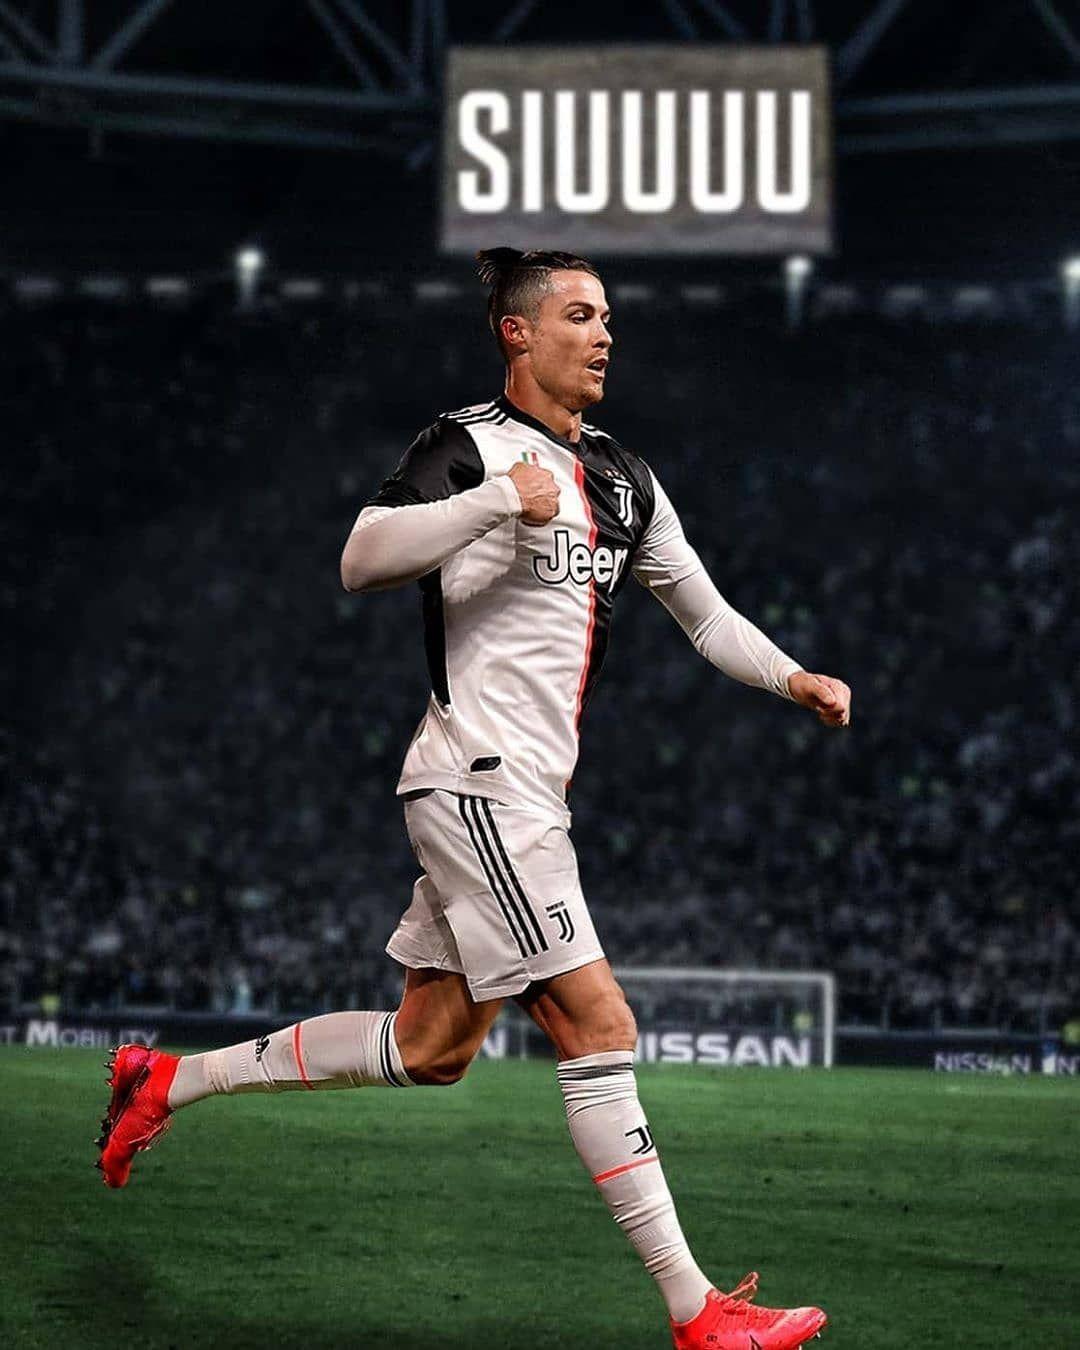 6 388 Curtidas 21 Comentarios Cristiano Ronaldo Ronaldism7 No Instagram Cristiano Ronaldo This Season 3 3 Ronaldo Crstiano Ronaldo Cristiano Ronaldo